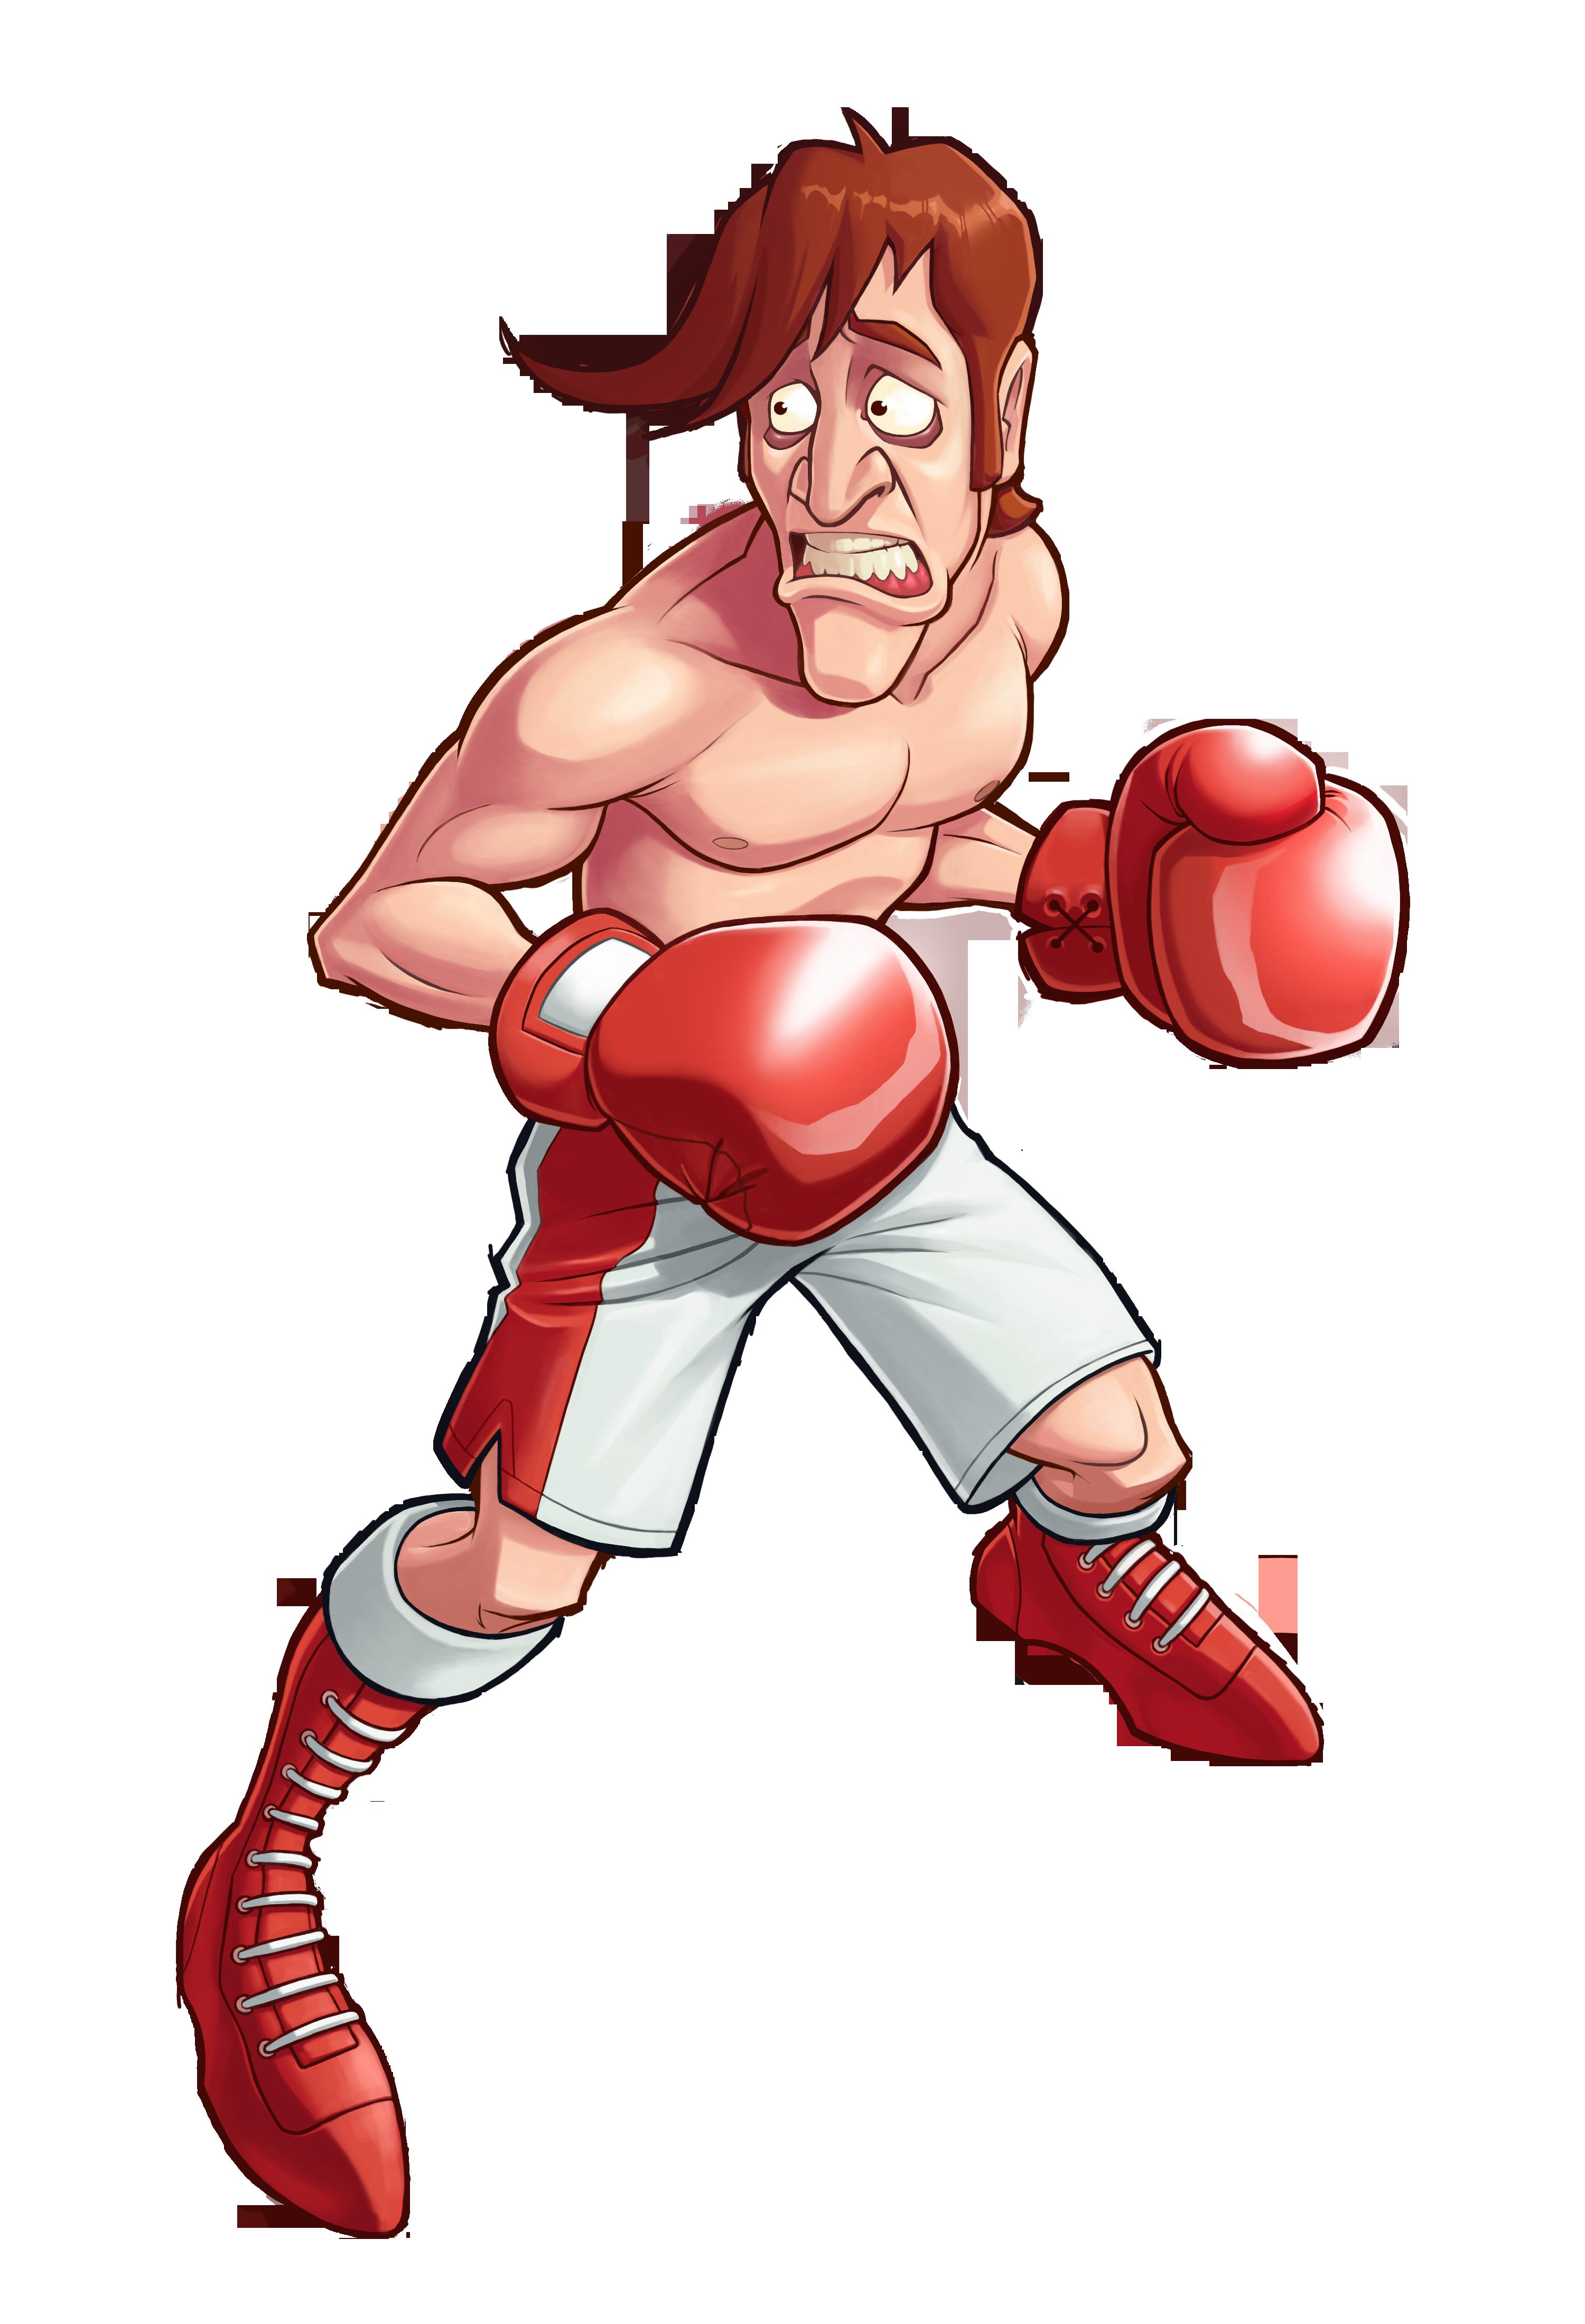 Люблю сынок, смешные рисунки в боксе